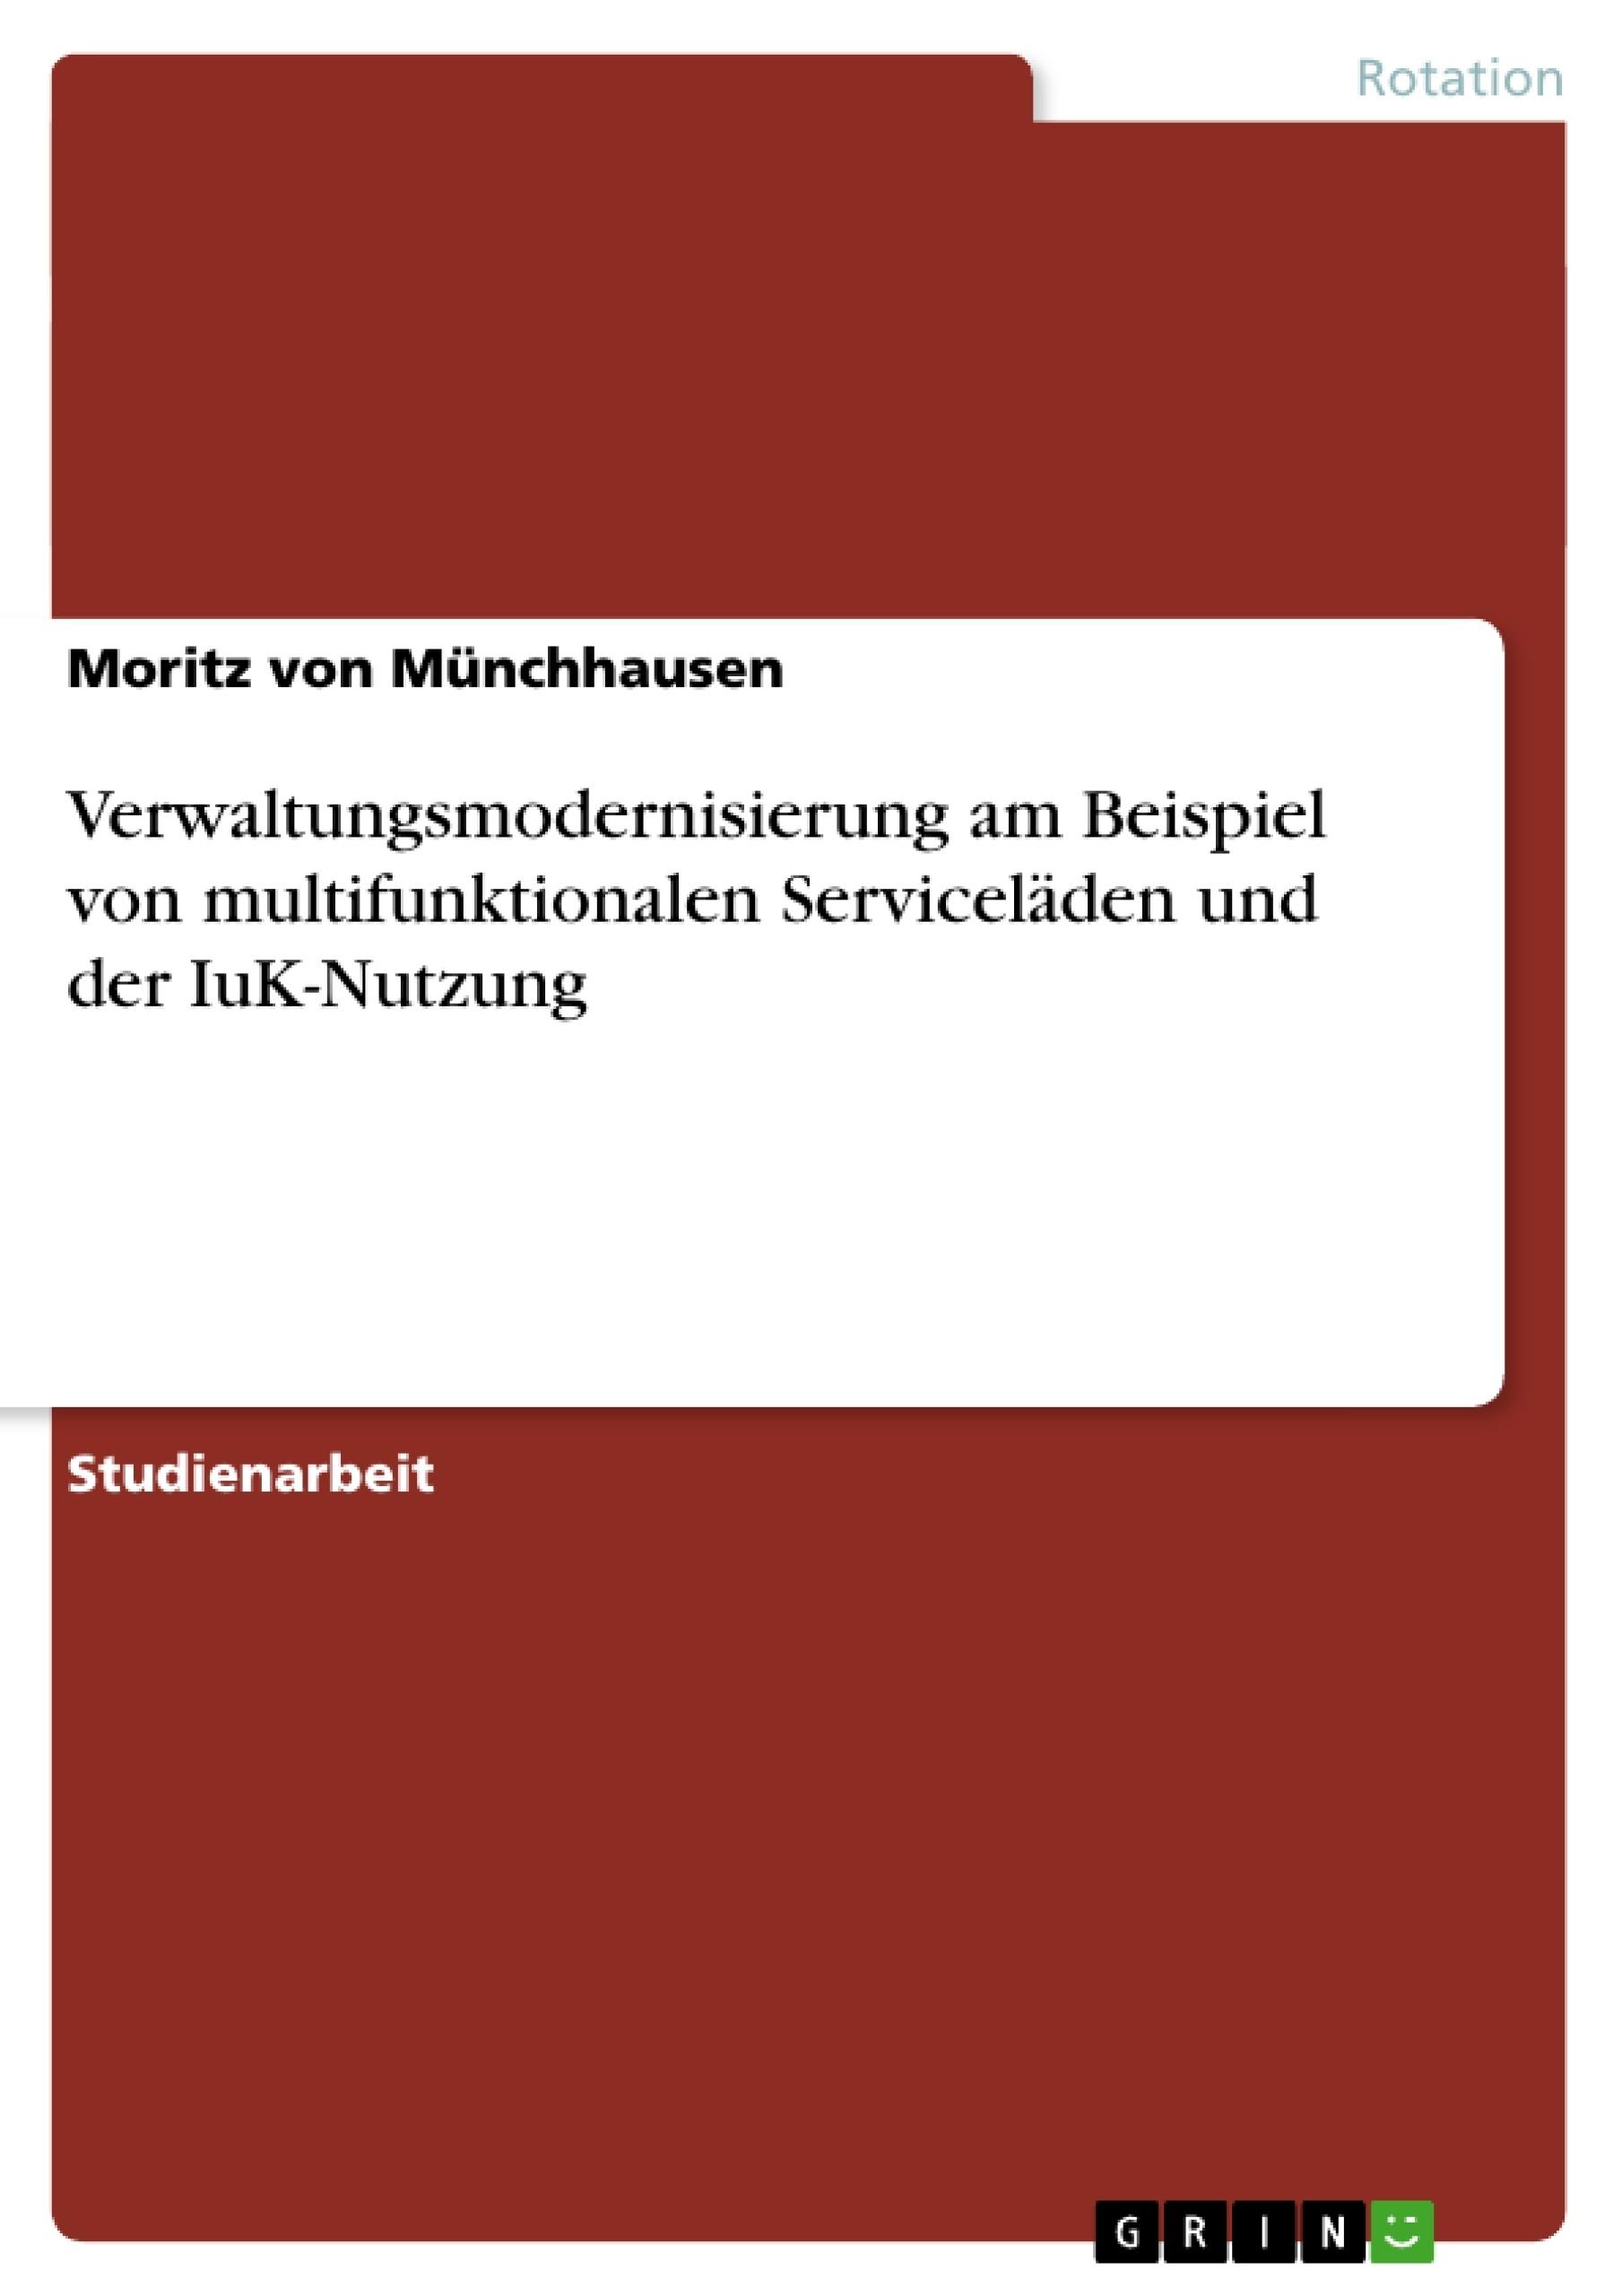 Titel: Verwaltungsmodernisierung am Beispiel von multifunktionalen Serviceläden und der IuK-Nutzung